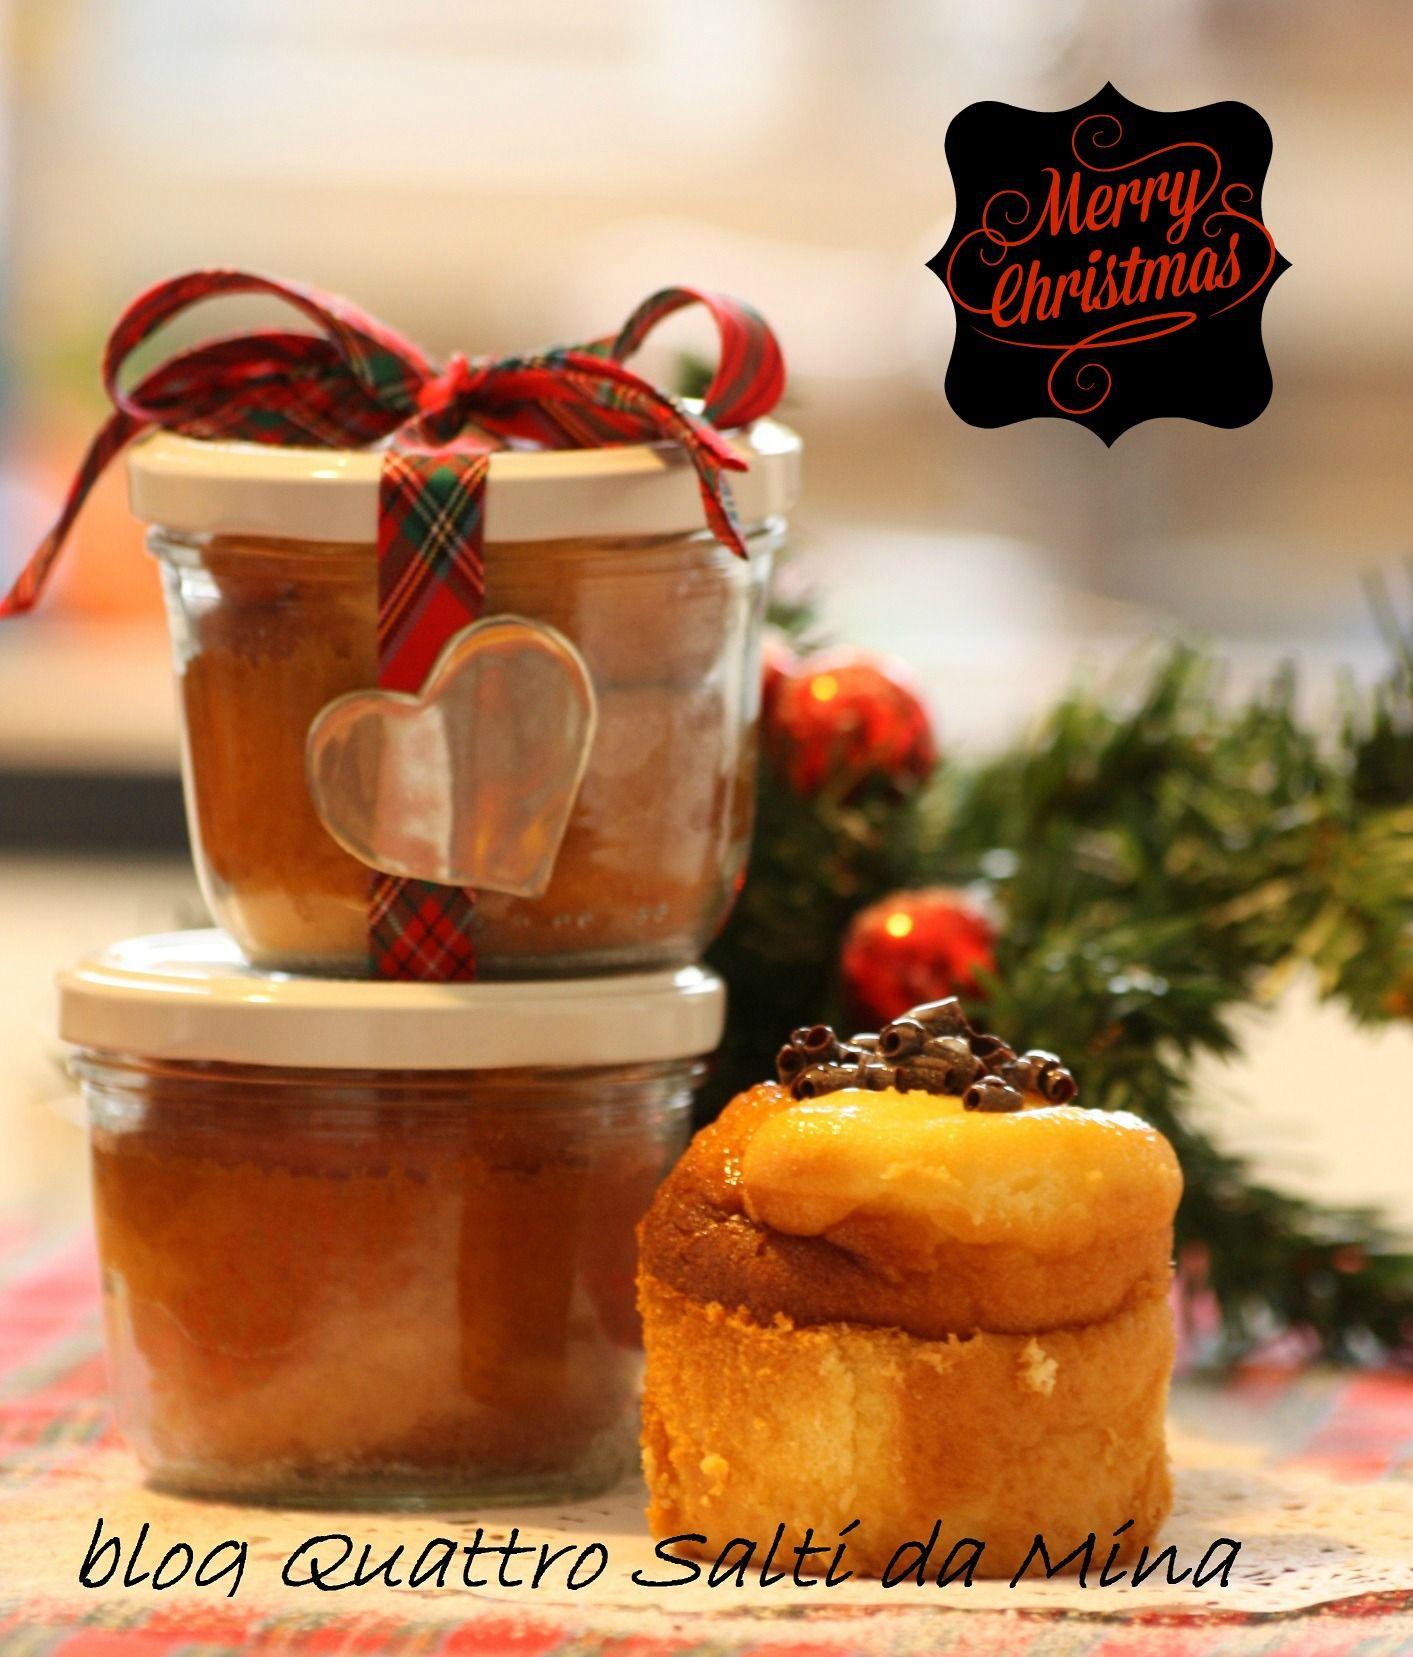 Ricette Sul Natale.Mini Cake In Barattolo Idea Regalo Natale Recipe In A Jar